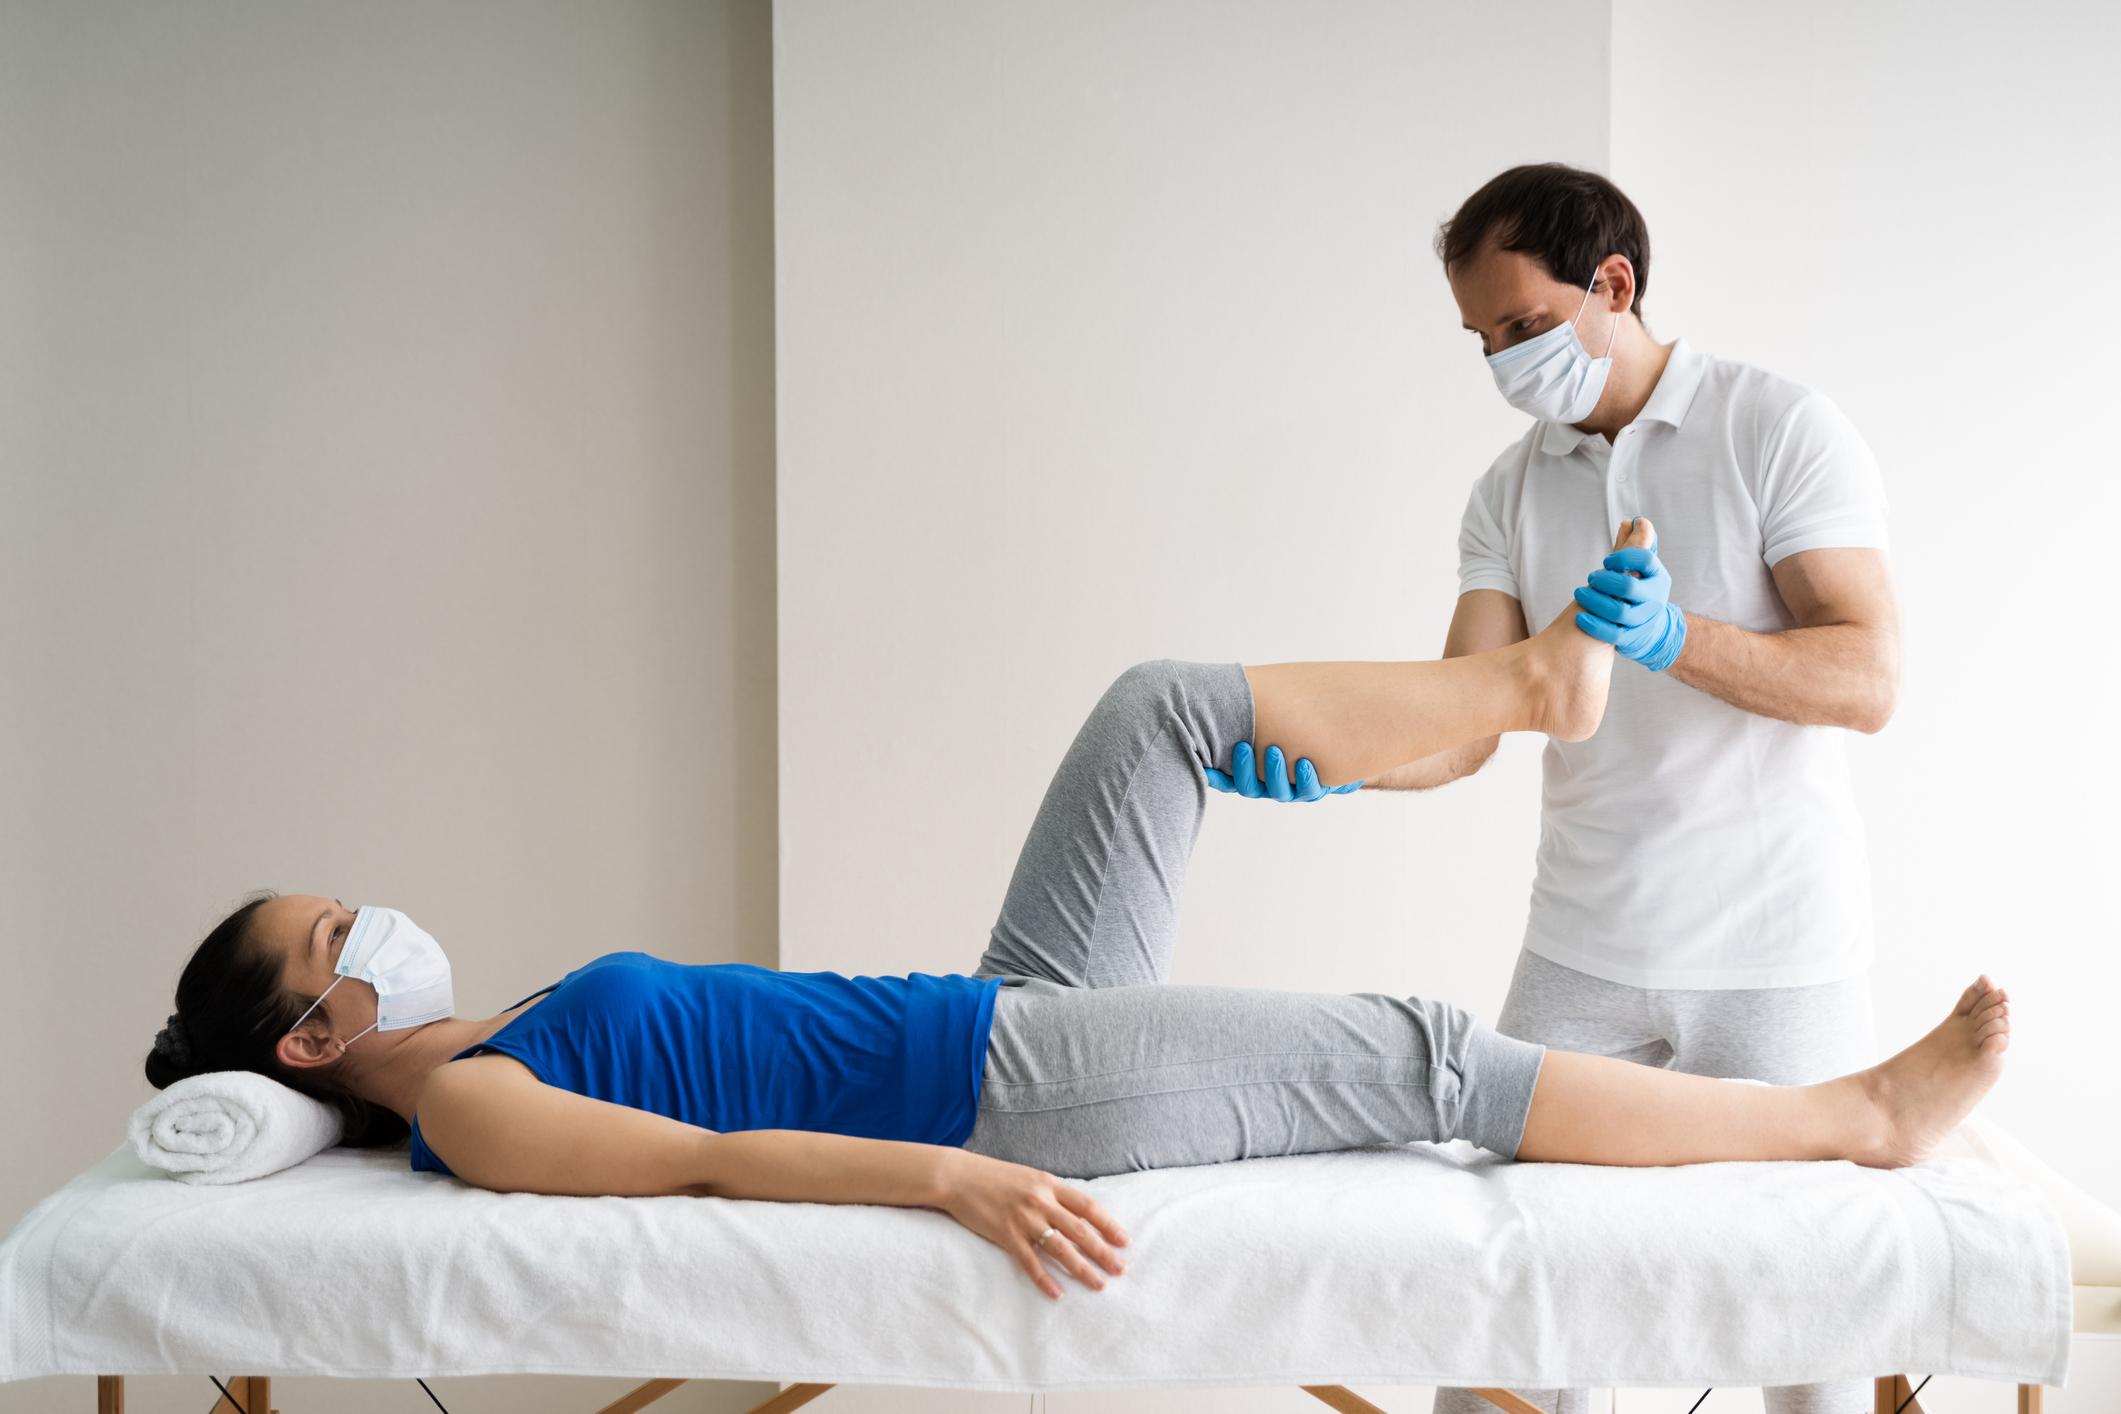 Fisioterapeuta y paciente en profesiones peor pagadas